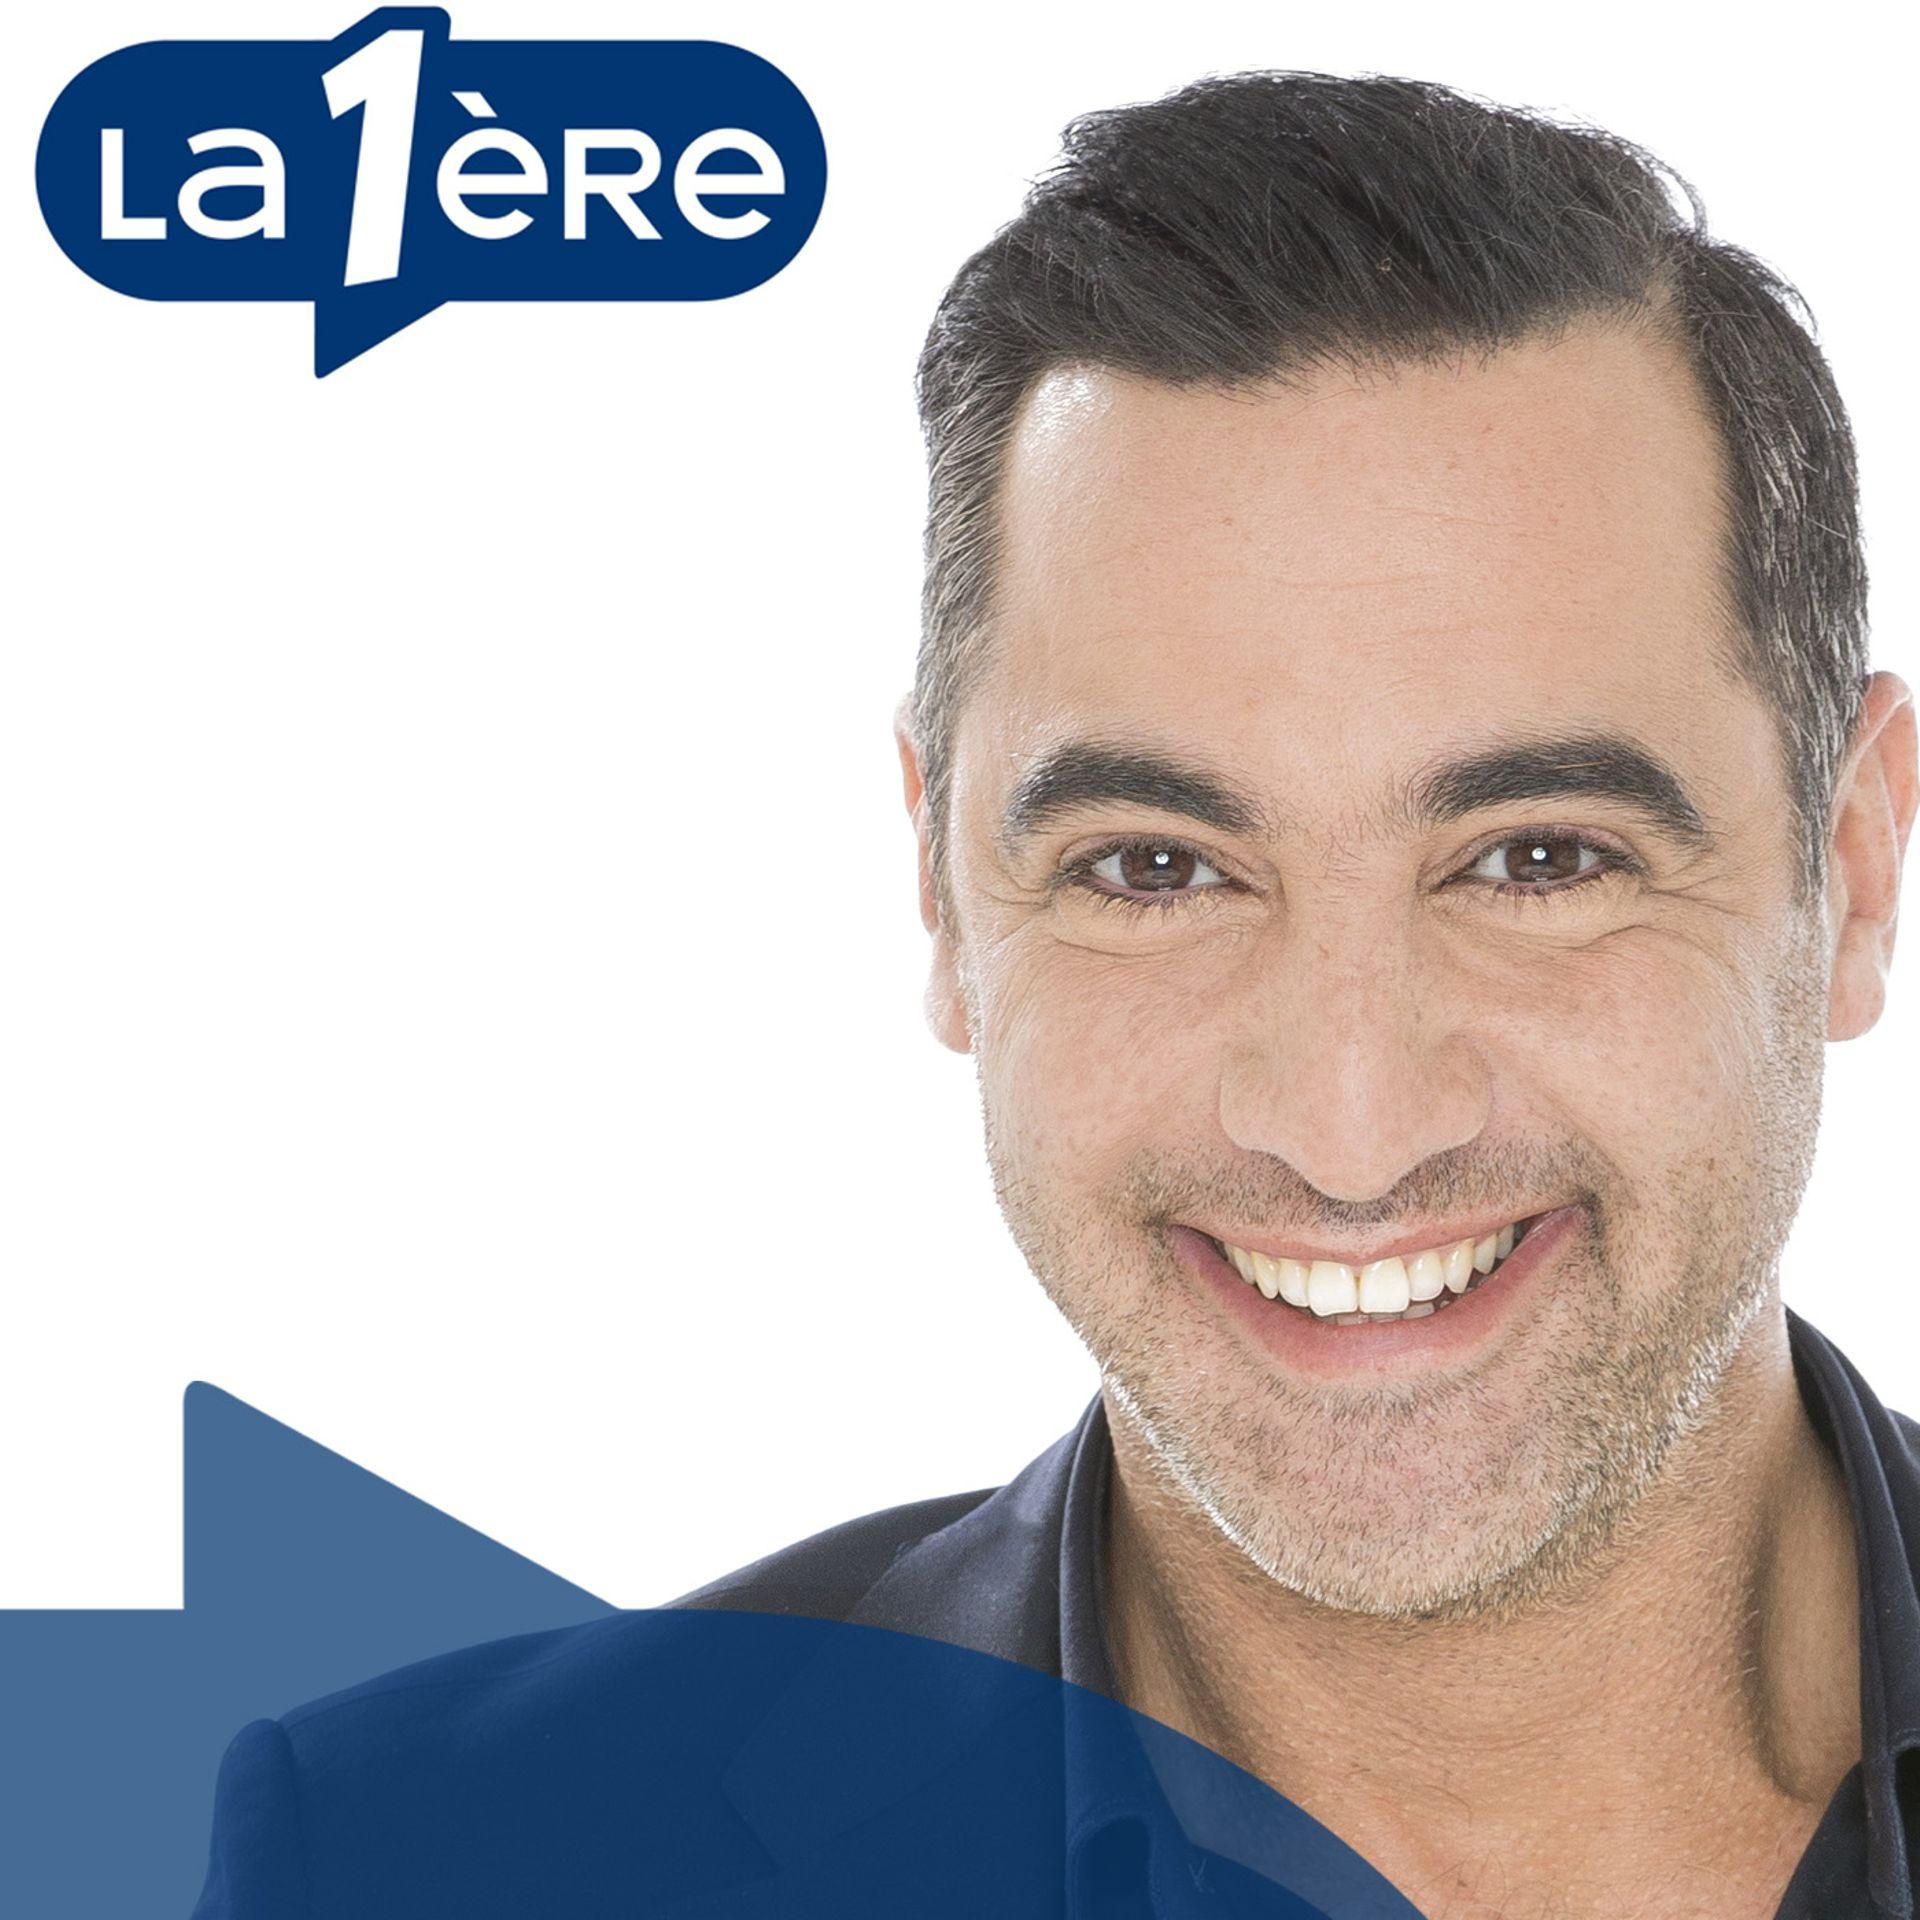 La Presque star - Raphaël Schmidt Coordinateur du Service de Secours et Ambulance Bruxelles-Capitale - 05/07/2018